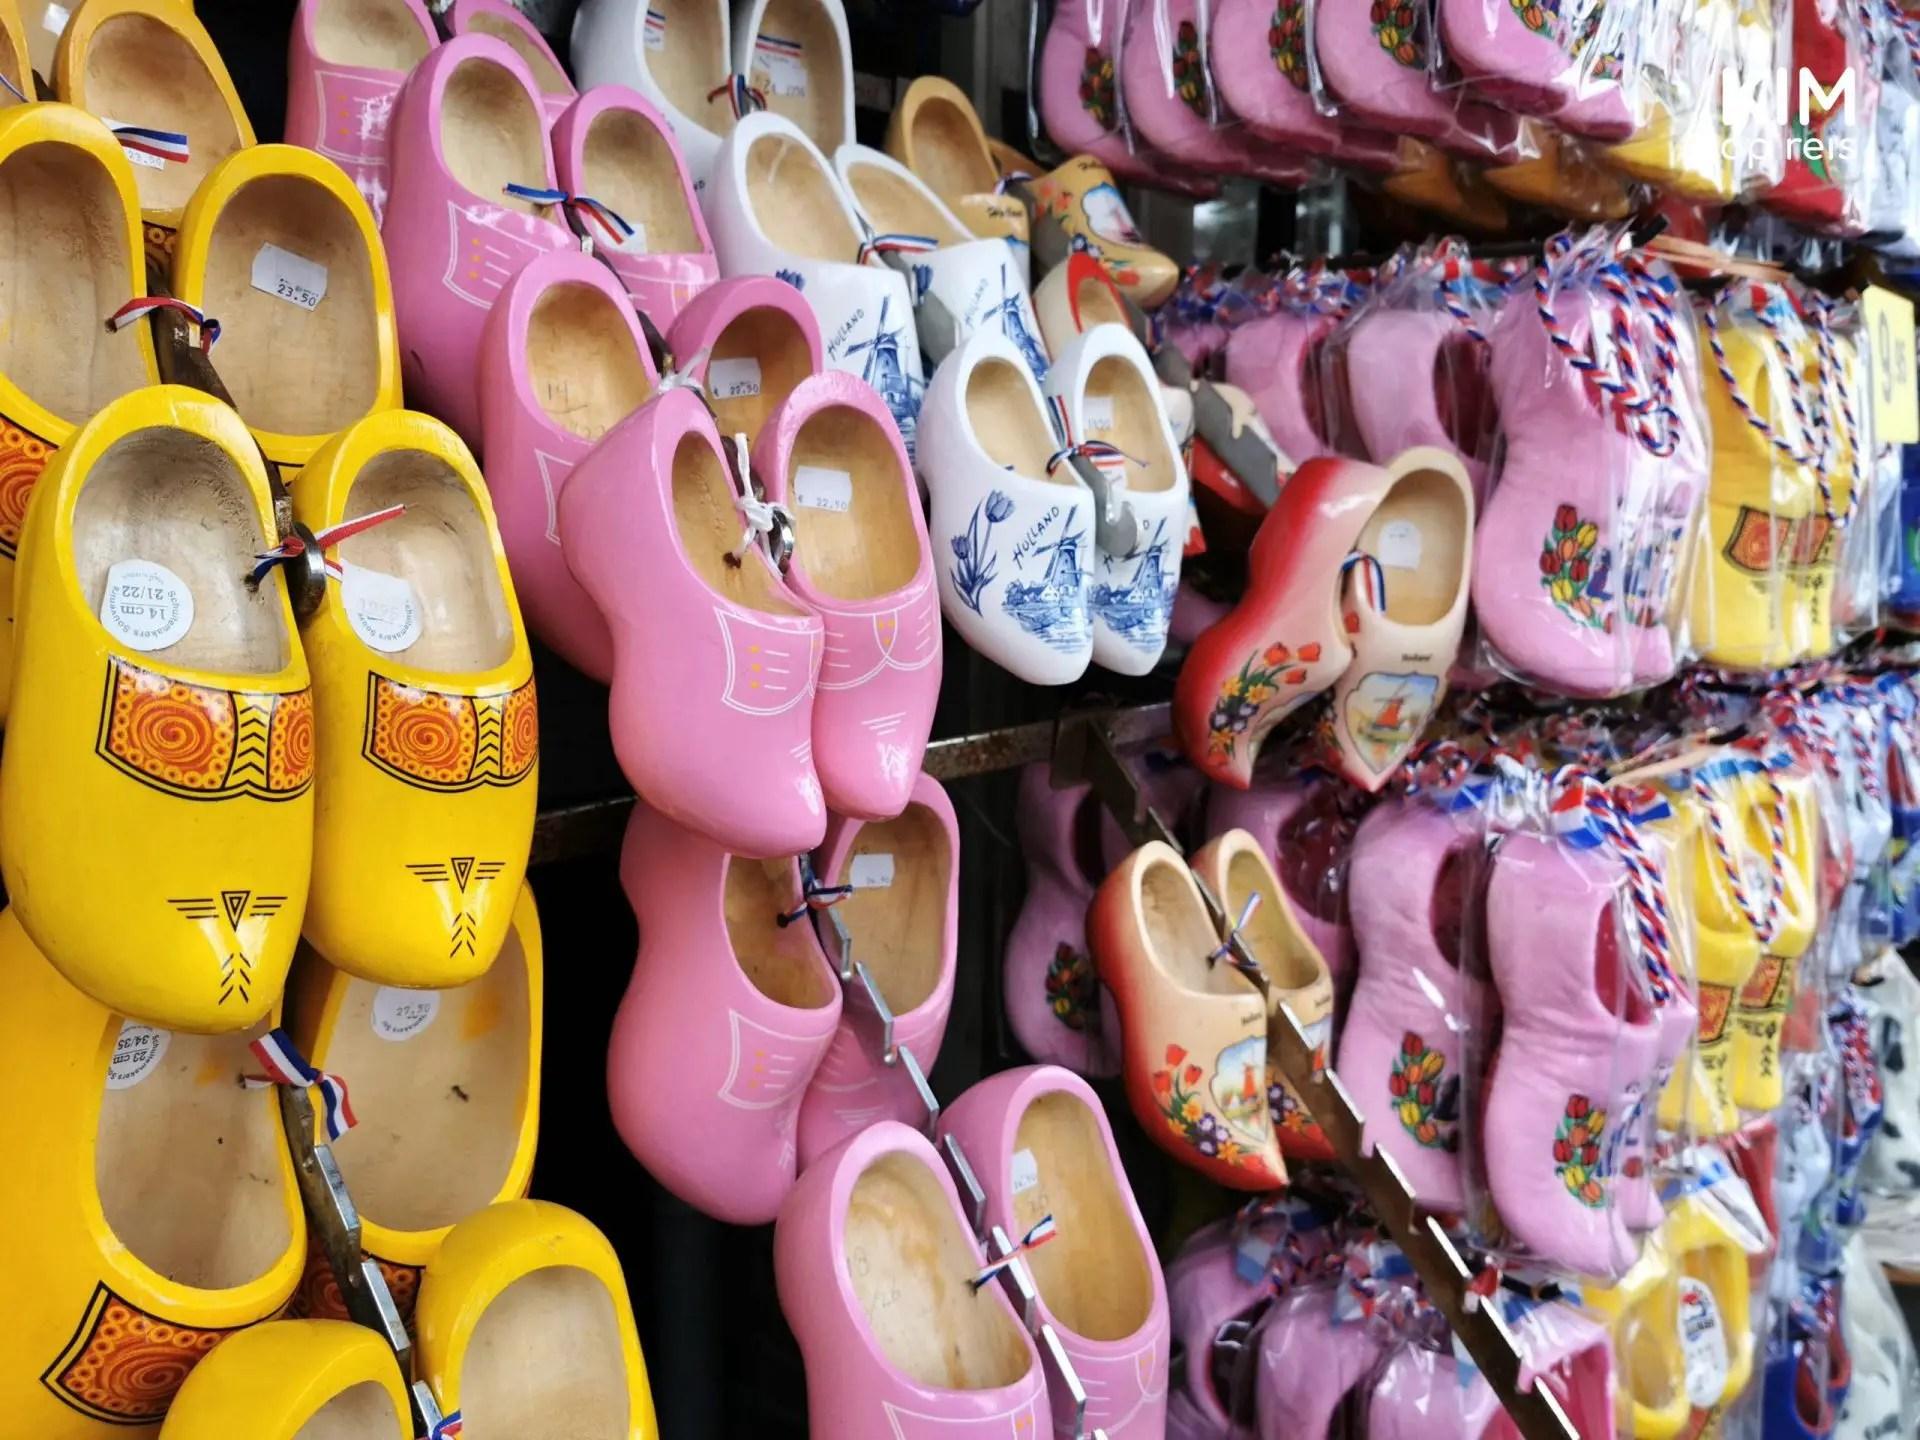 Klompen als souvenir Volendam - gele, roze en delfts blauw gekleurde klompen uitgestald aan de muur